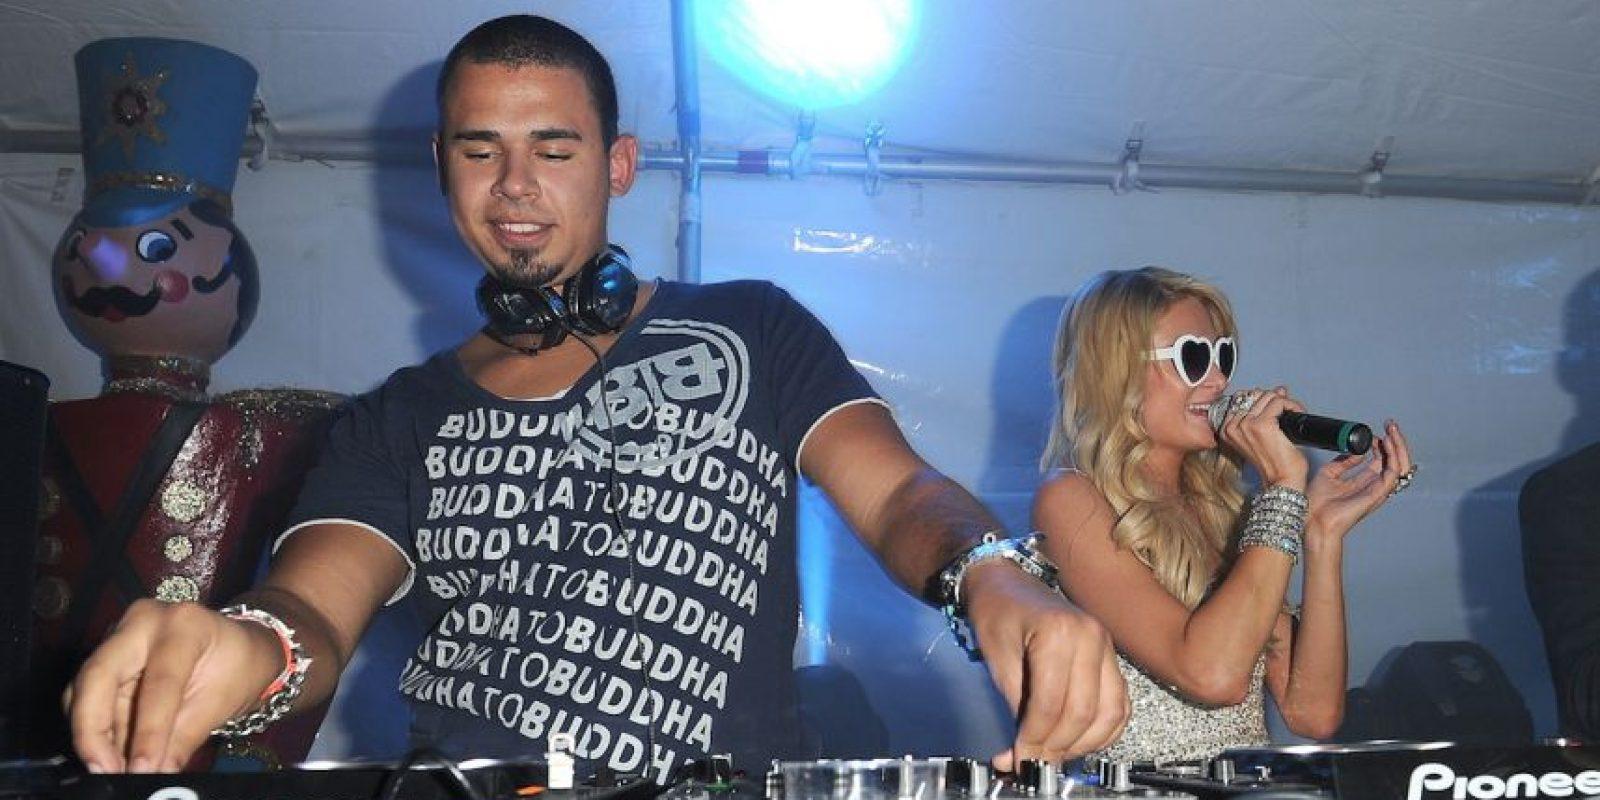 La socialité también ha sido criticada por otros DJ como Deadmau5 y Sam Ronson Foto:Getty Images